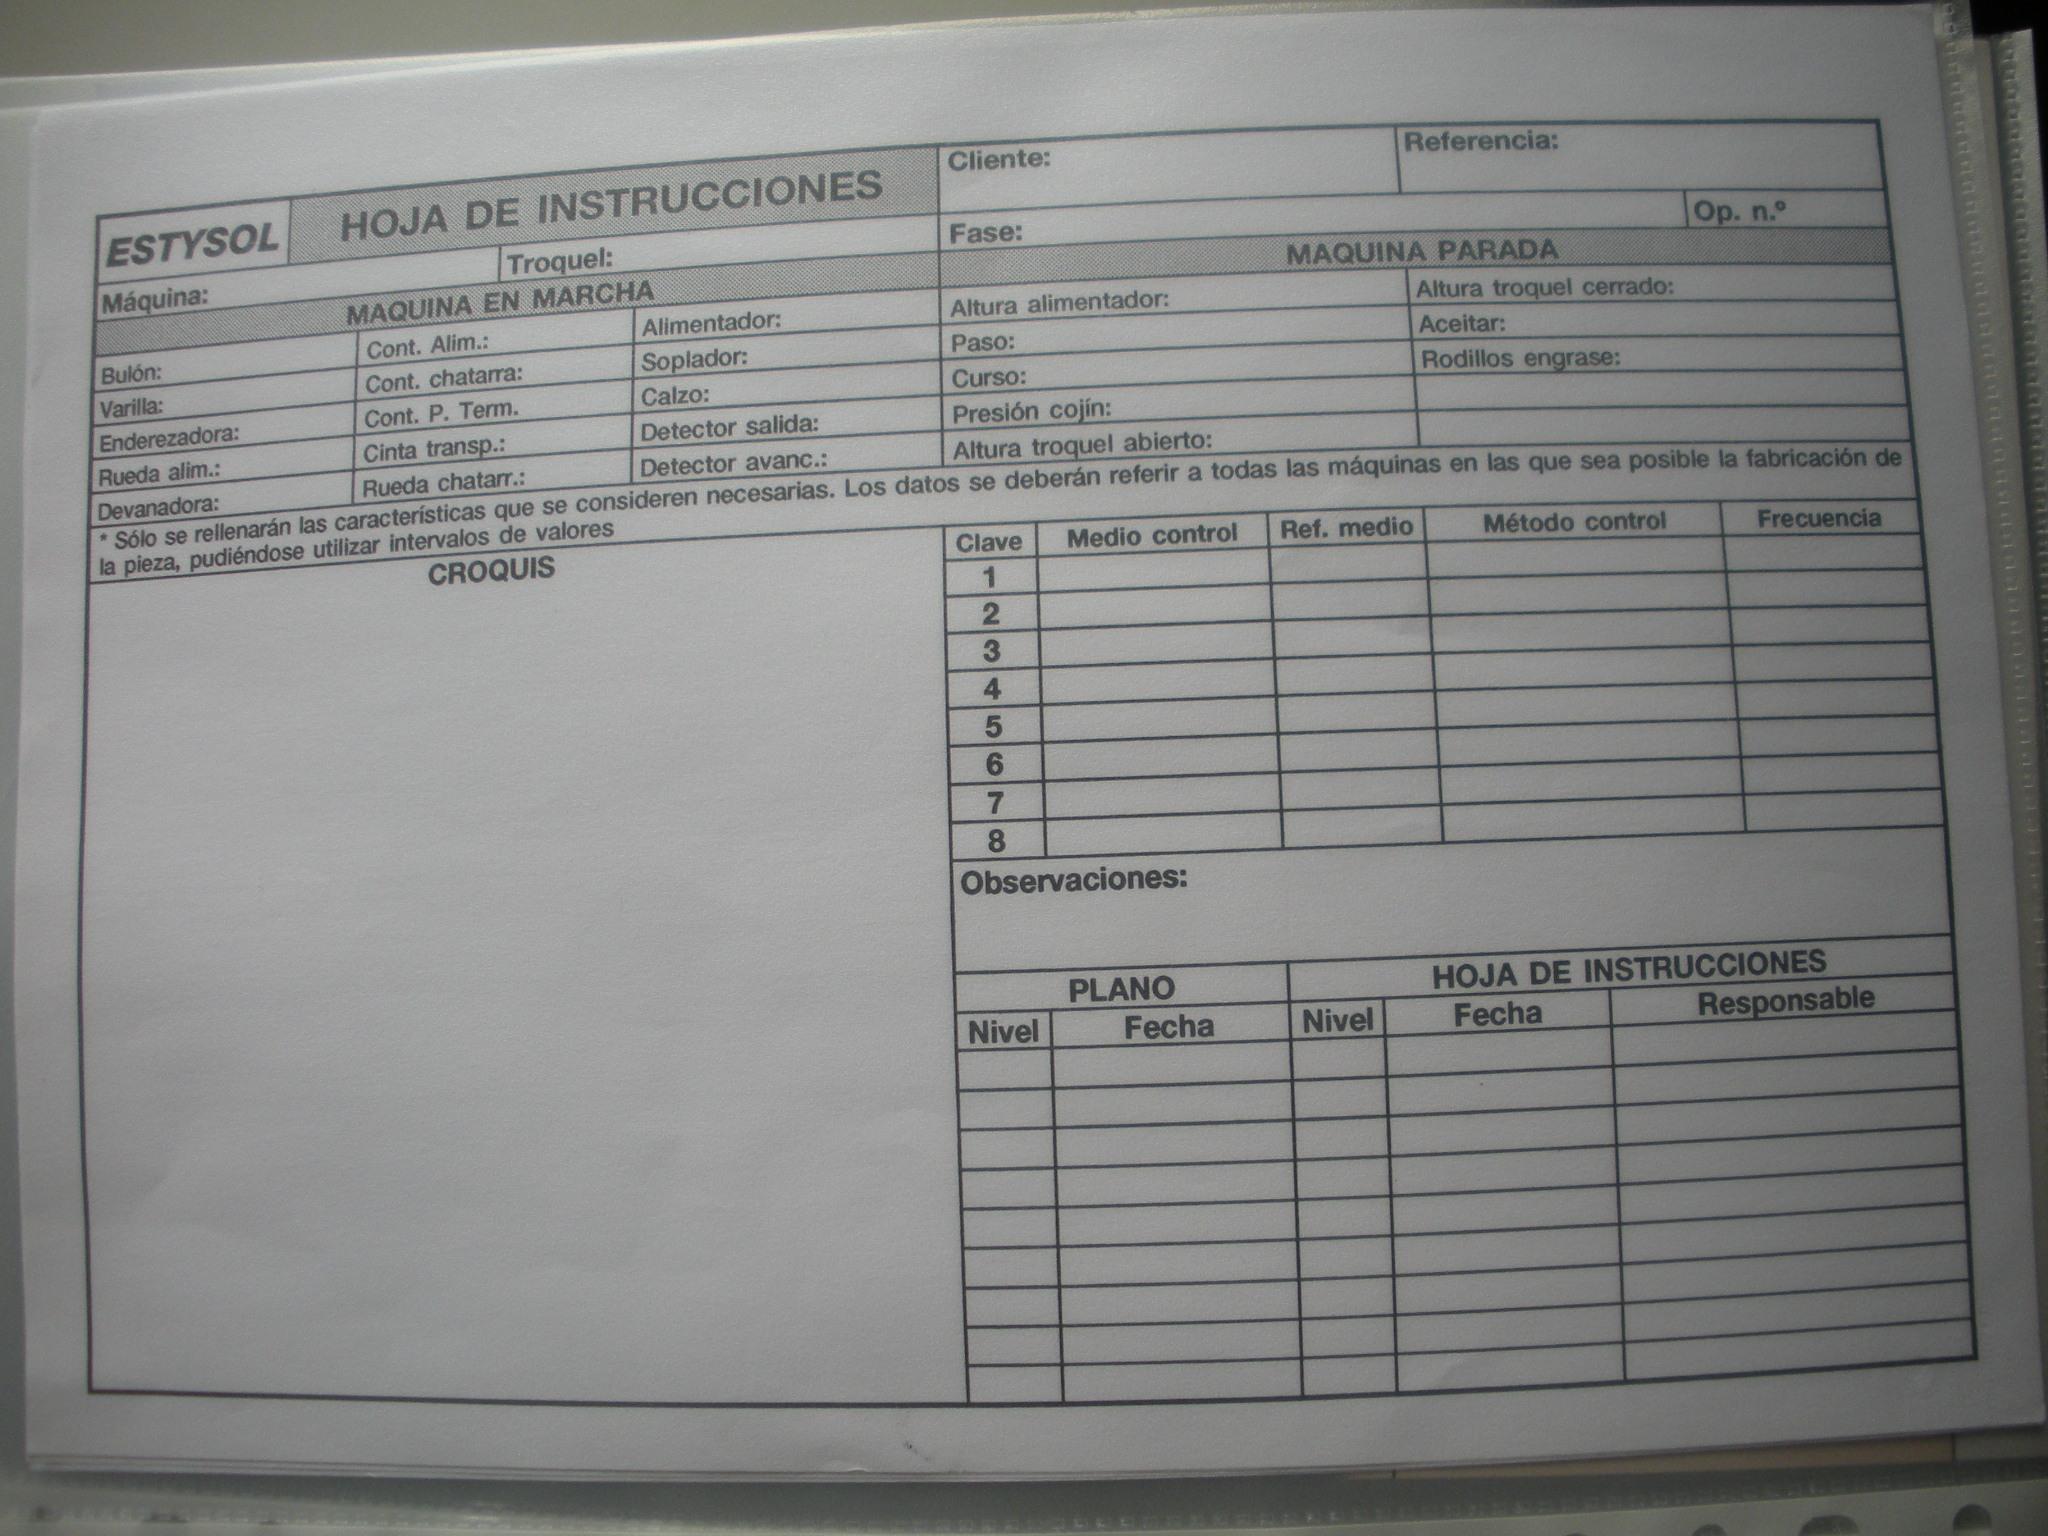 HOJA DE INSTRUCCIONES DE ESTYSOL